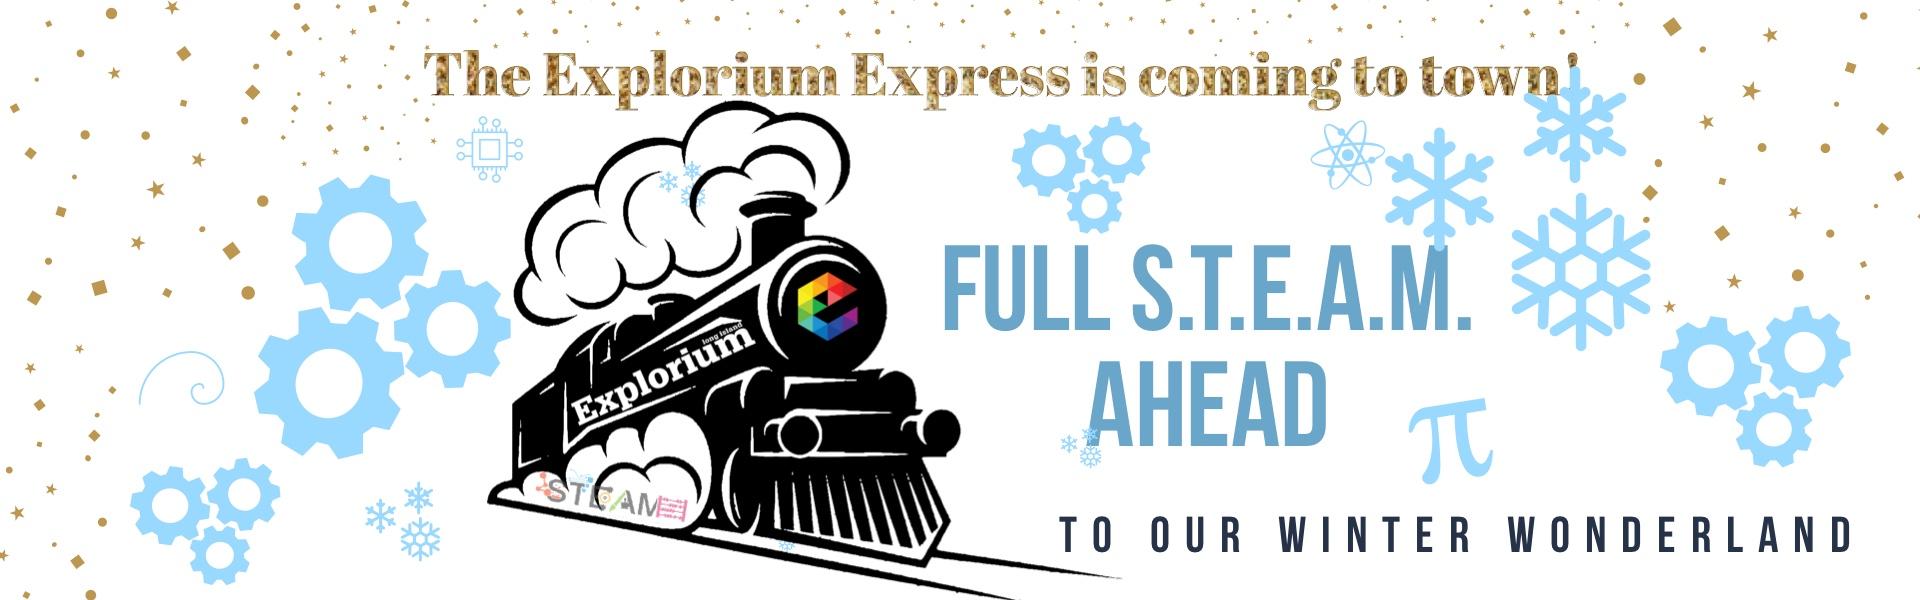 Explorium express